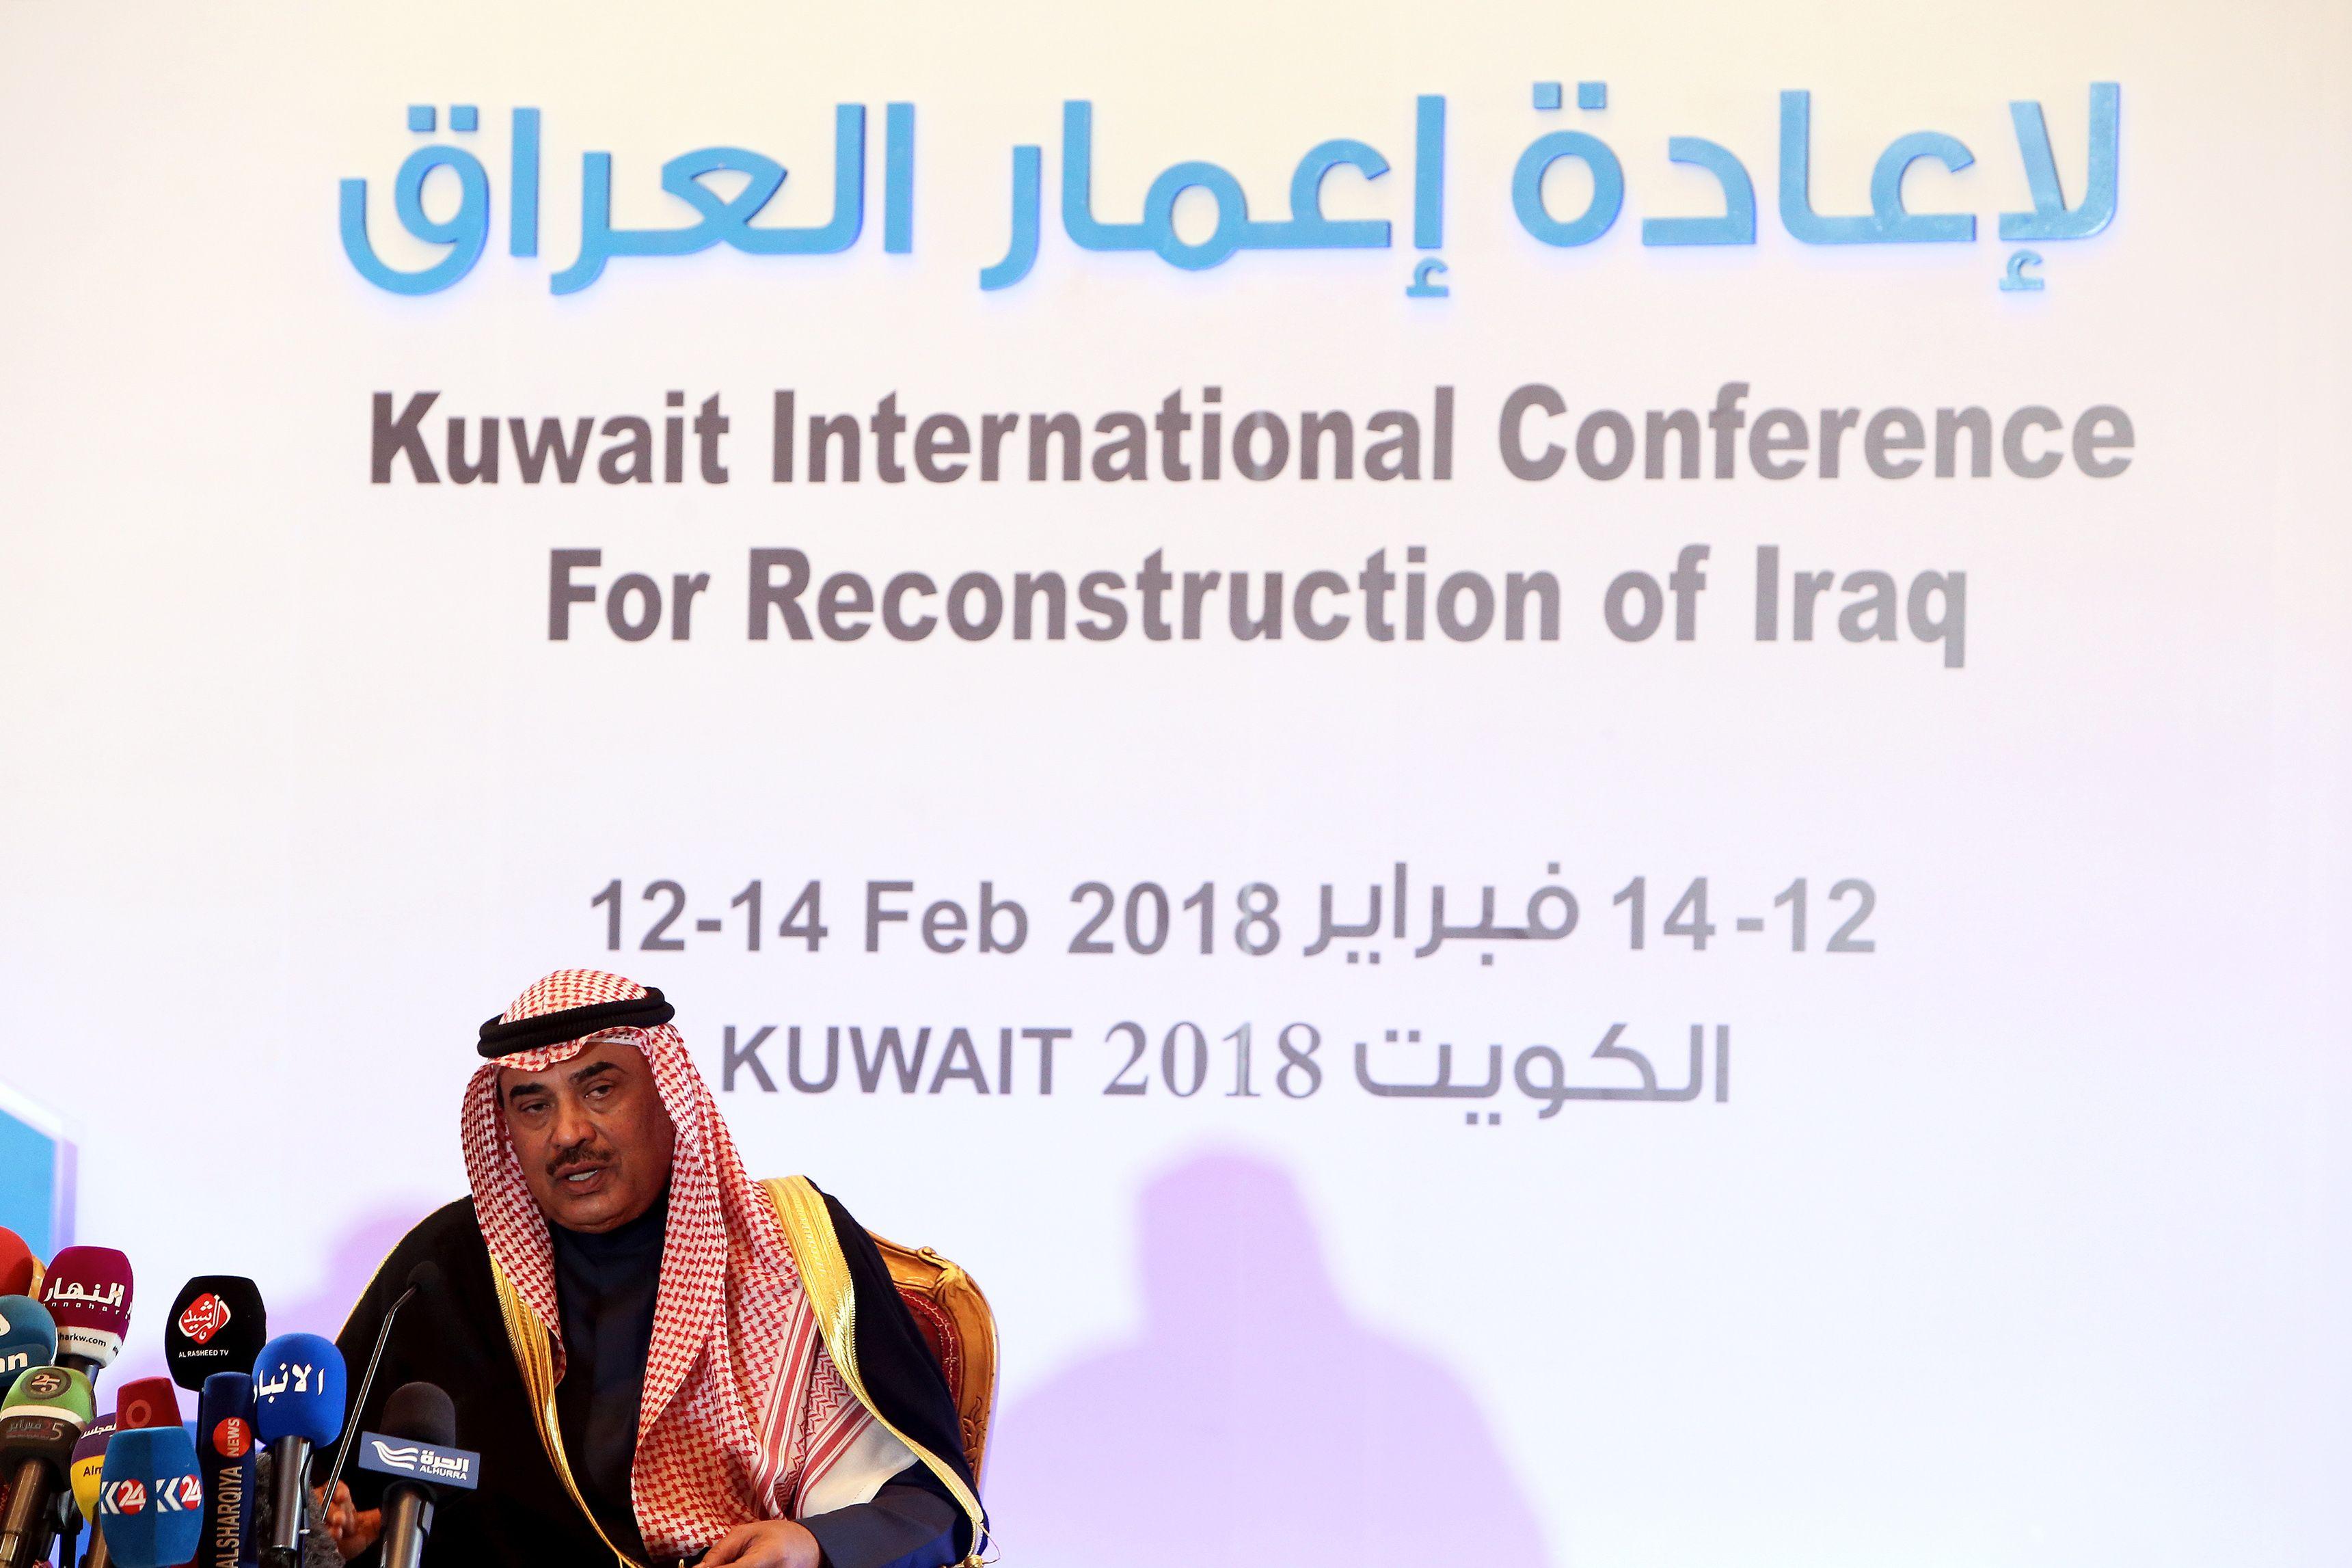 مؤتمر الكويت الدولى لإعادة اعمار العراق